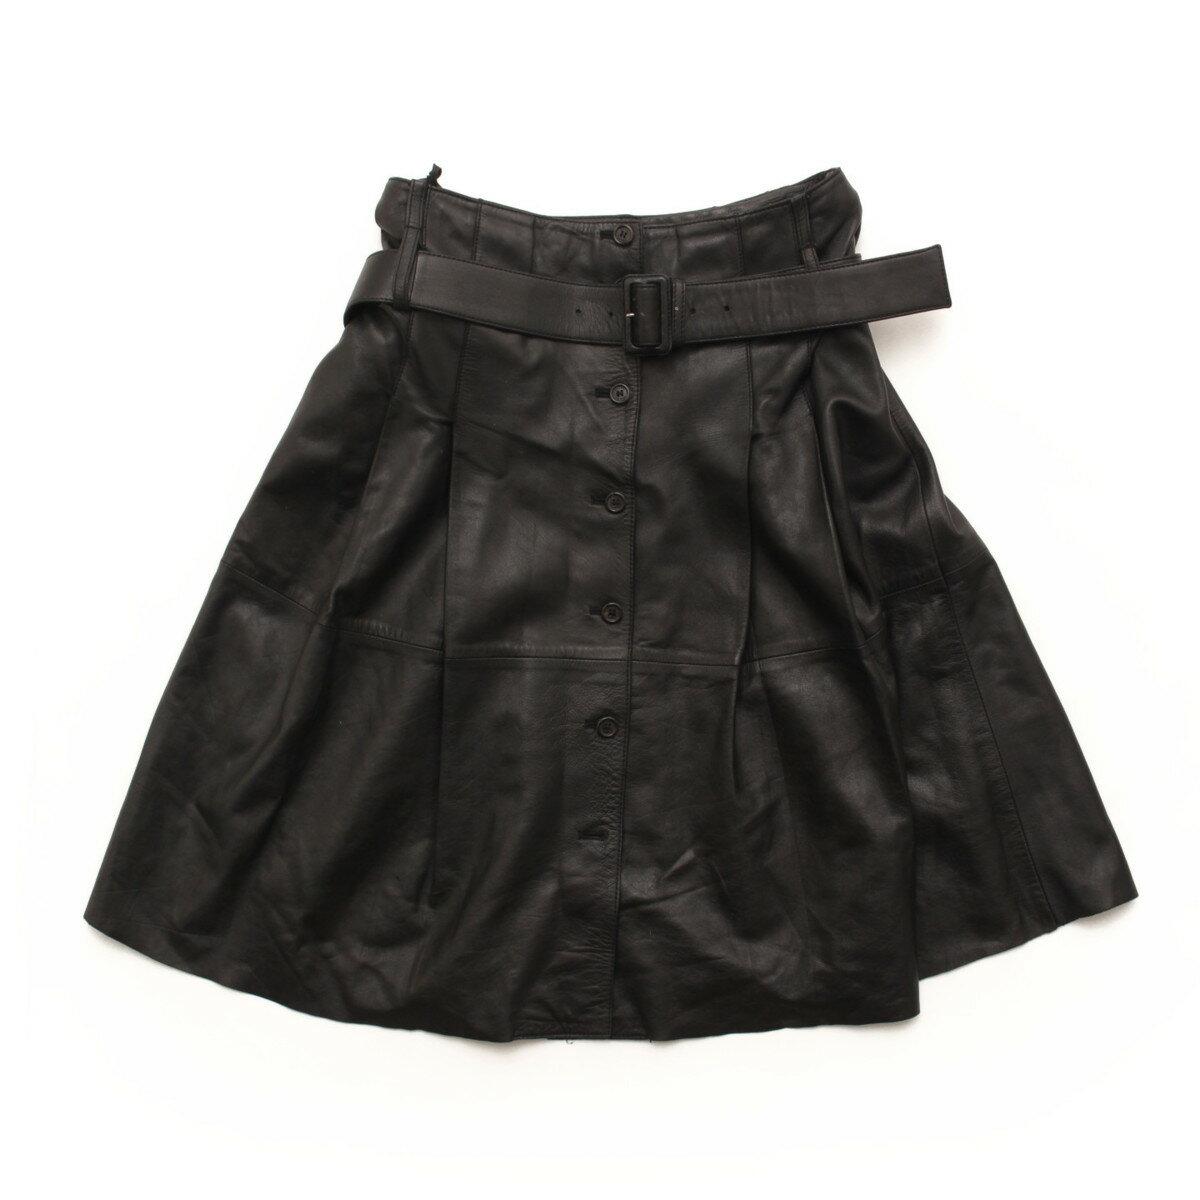 【プラダ】Prada ウエストベルト付 レザー フレア スカート ブラック 44 【中古】【鑑定済・正規品保証】32570